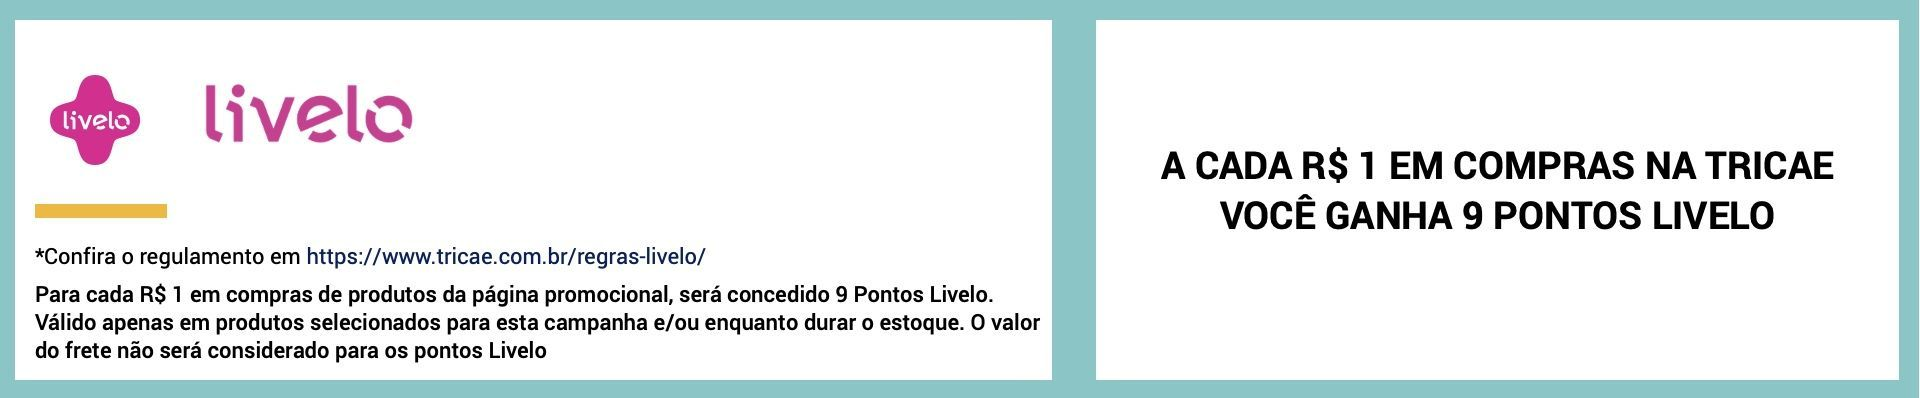 Tricae Livelo 9 pontos